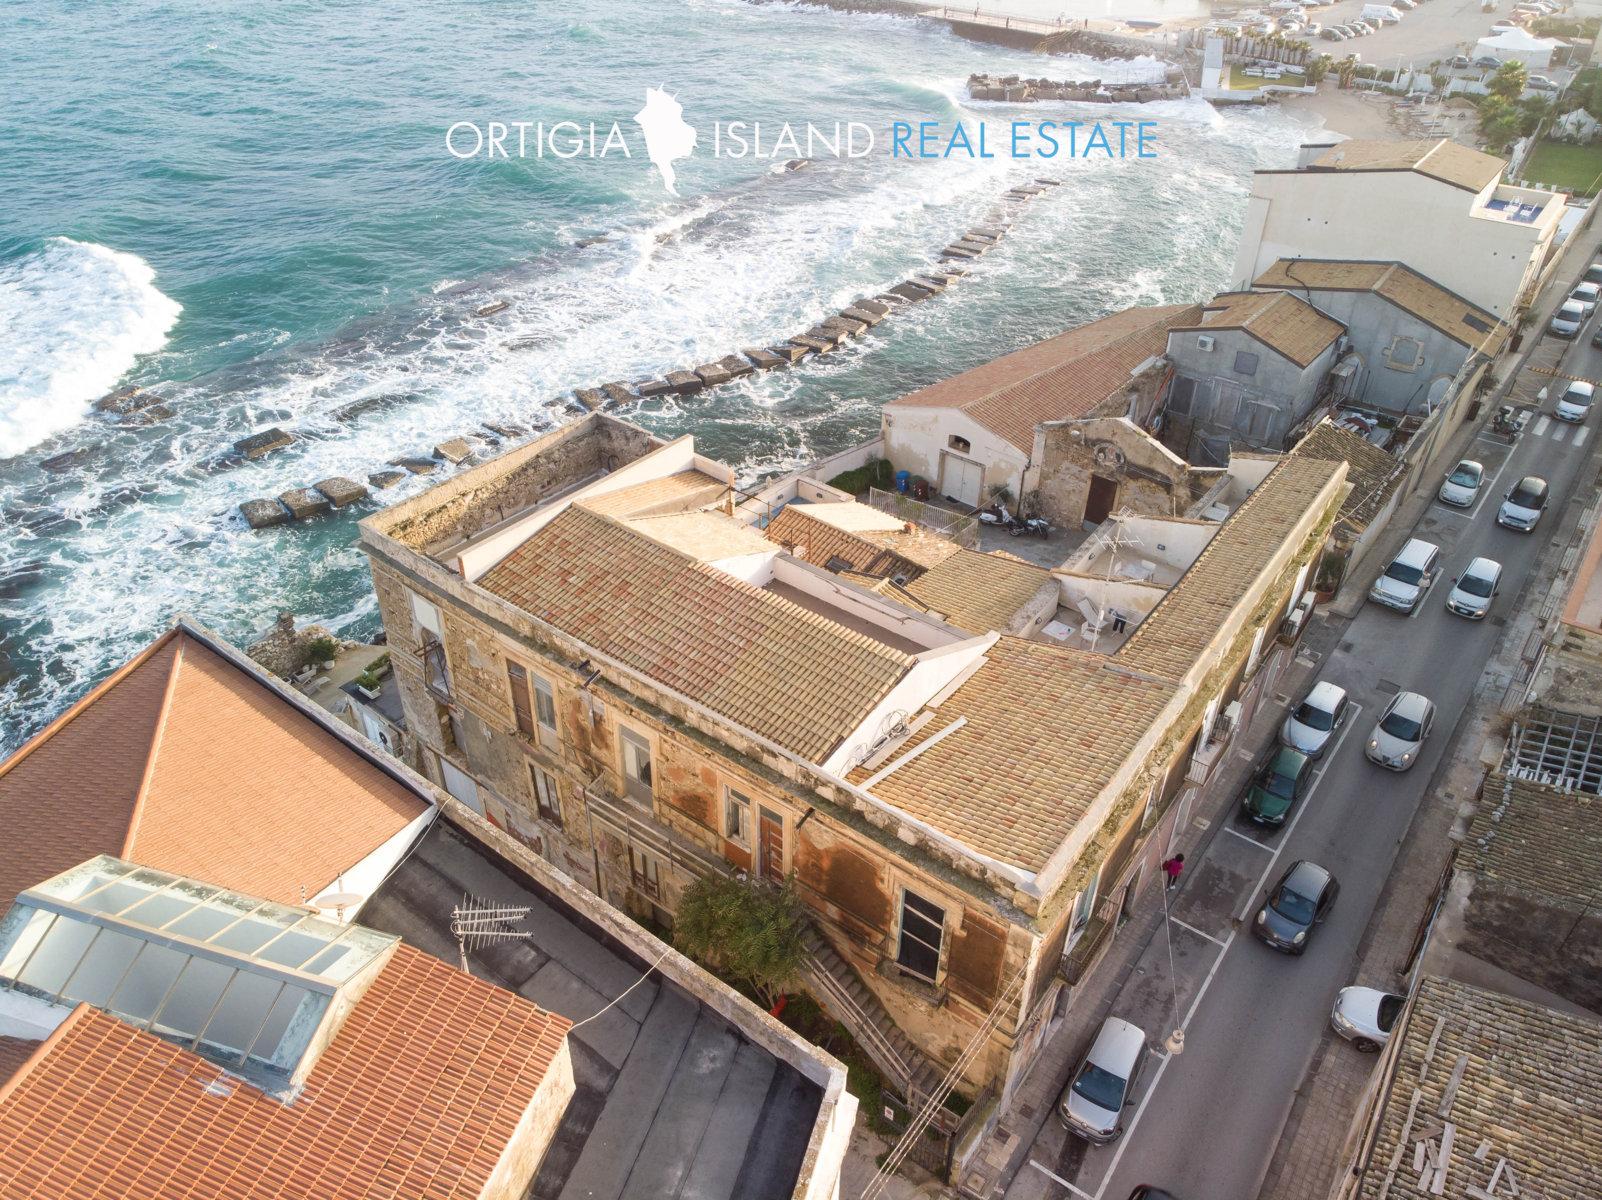 Riviera Dionisio Casa Con Terrazza E Vista Ortigia Island